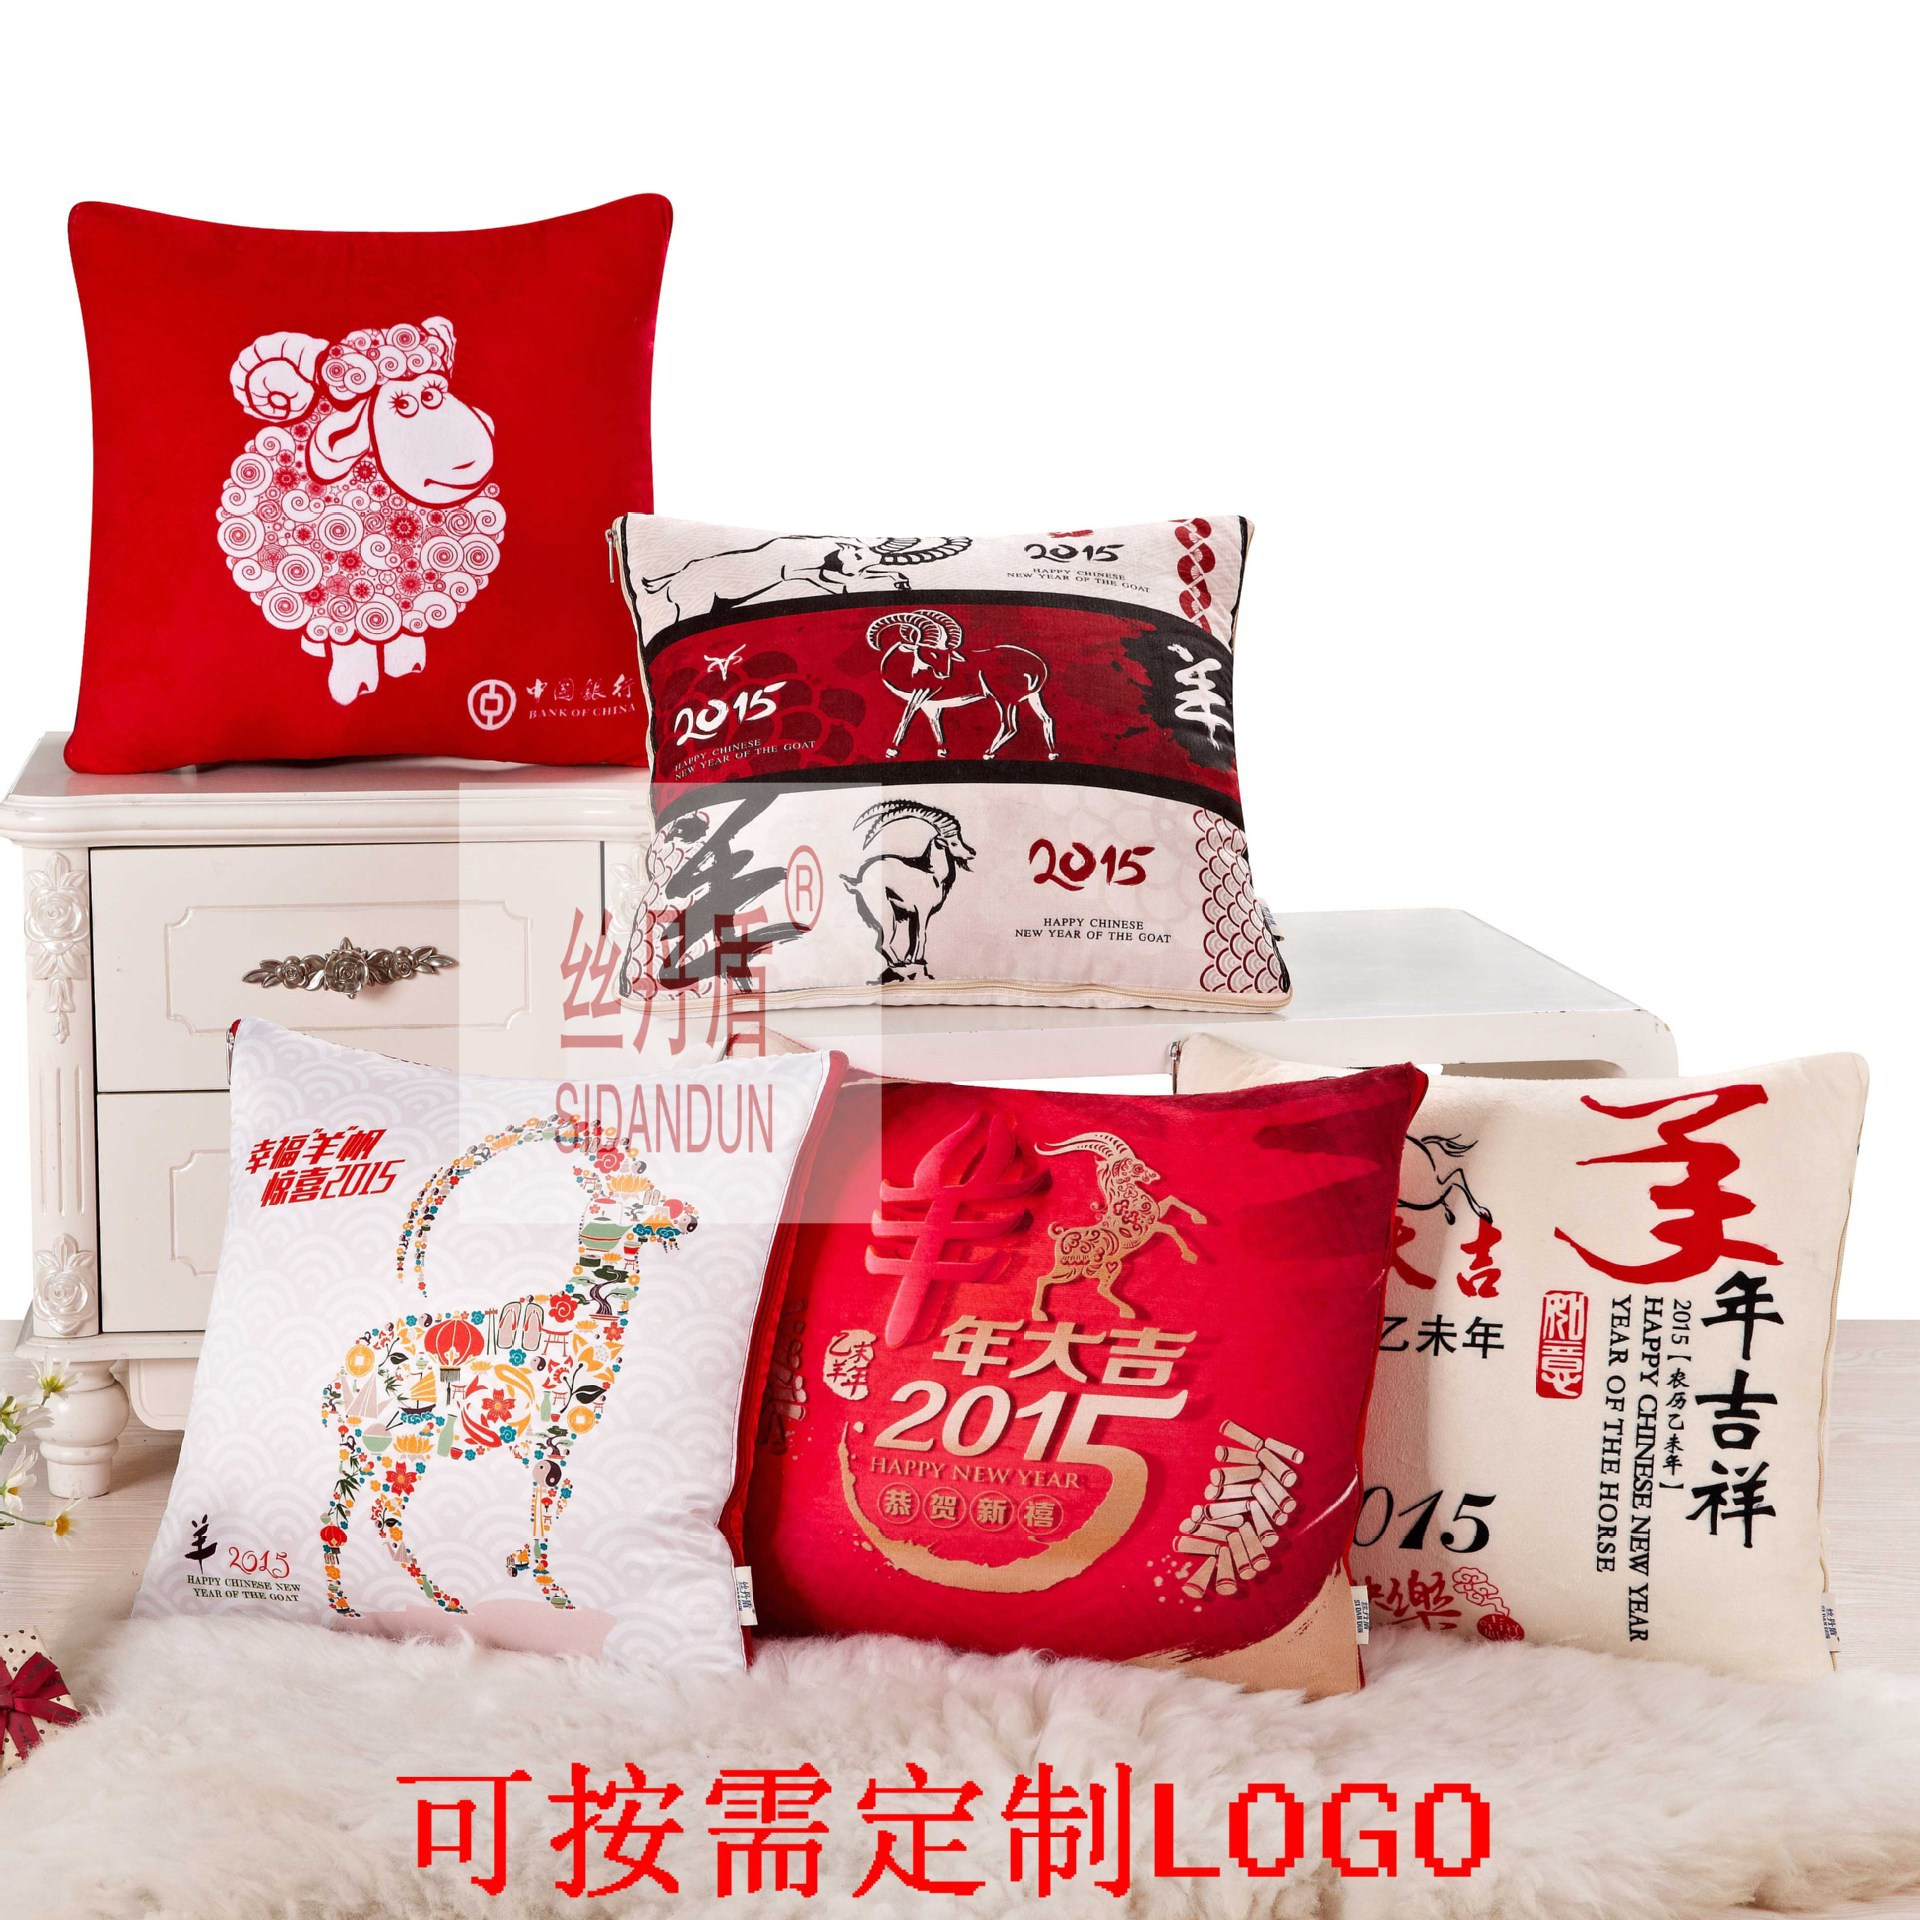 业余定做2015年新款羊年礼品抱枕 丝丹盾 靠垫被 新潮时尚